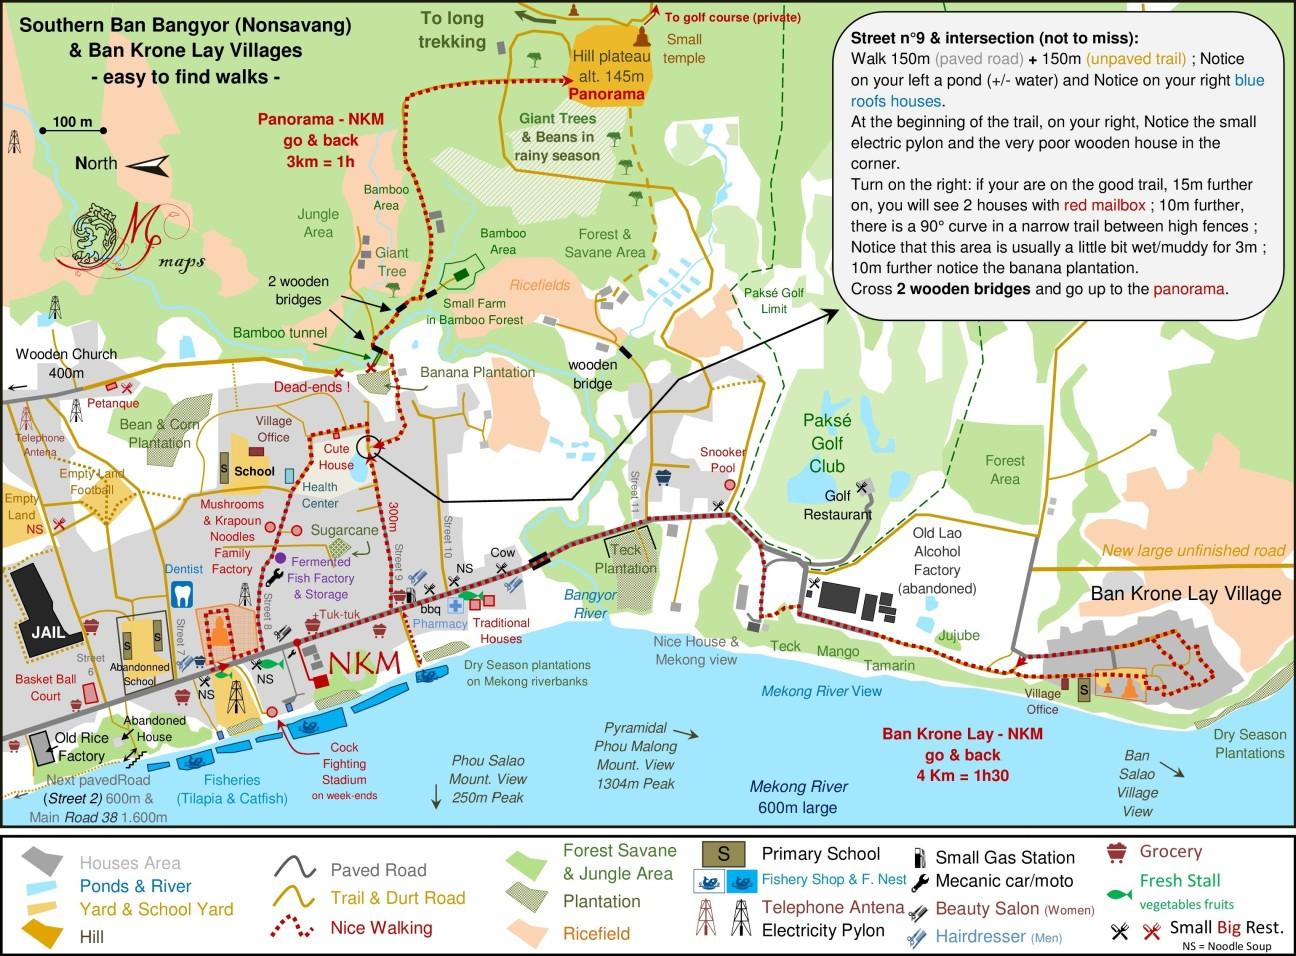 NKM Ban Bangyor Nonsavang map (2)